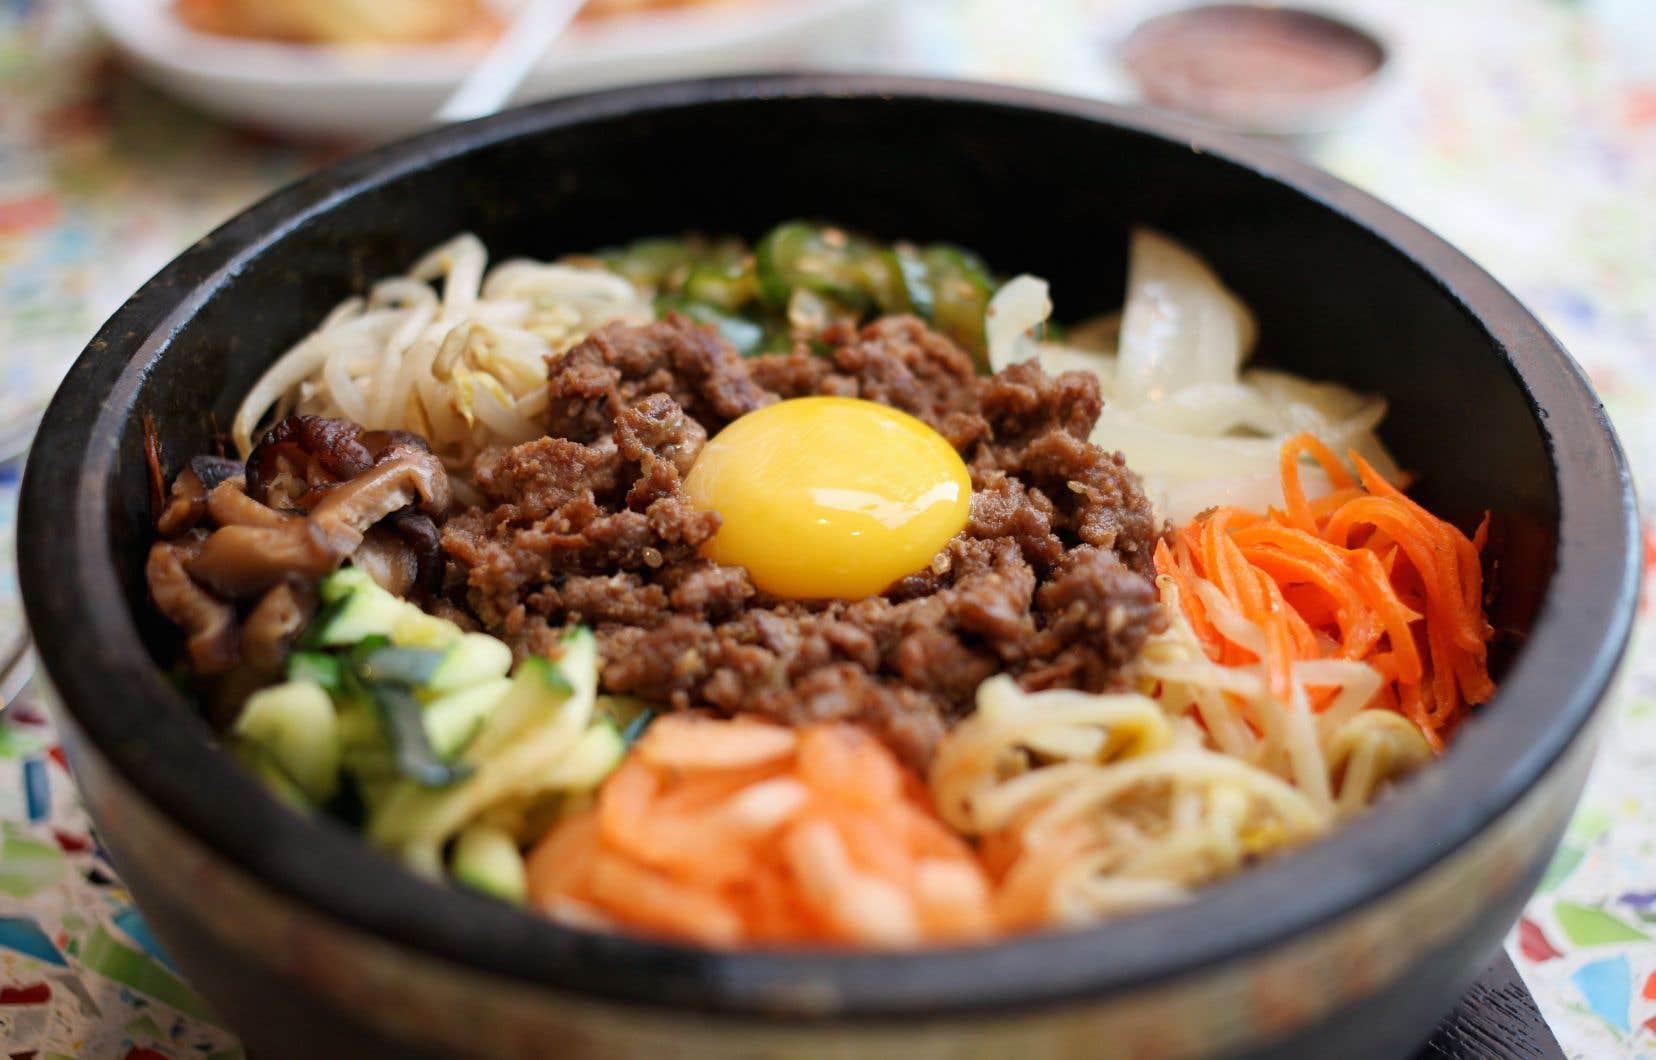 Véritable vedette de l'heure de la cuisine coréenne, le bibimbap est un repas passe-partout composé d'un bol de riz auquel on ajoute des légumes marinés et différents aliments sur lesquels on dépose un œuf cru. Une façon de faire qui rappelle les fameux «touski» des familles québécoises!